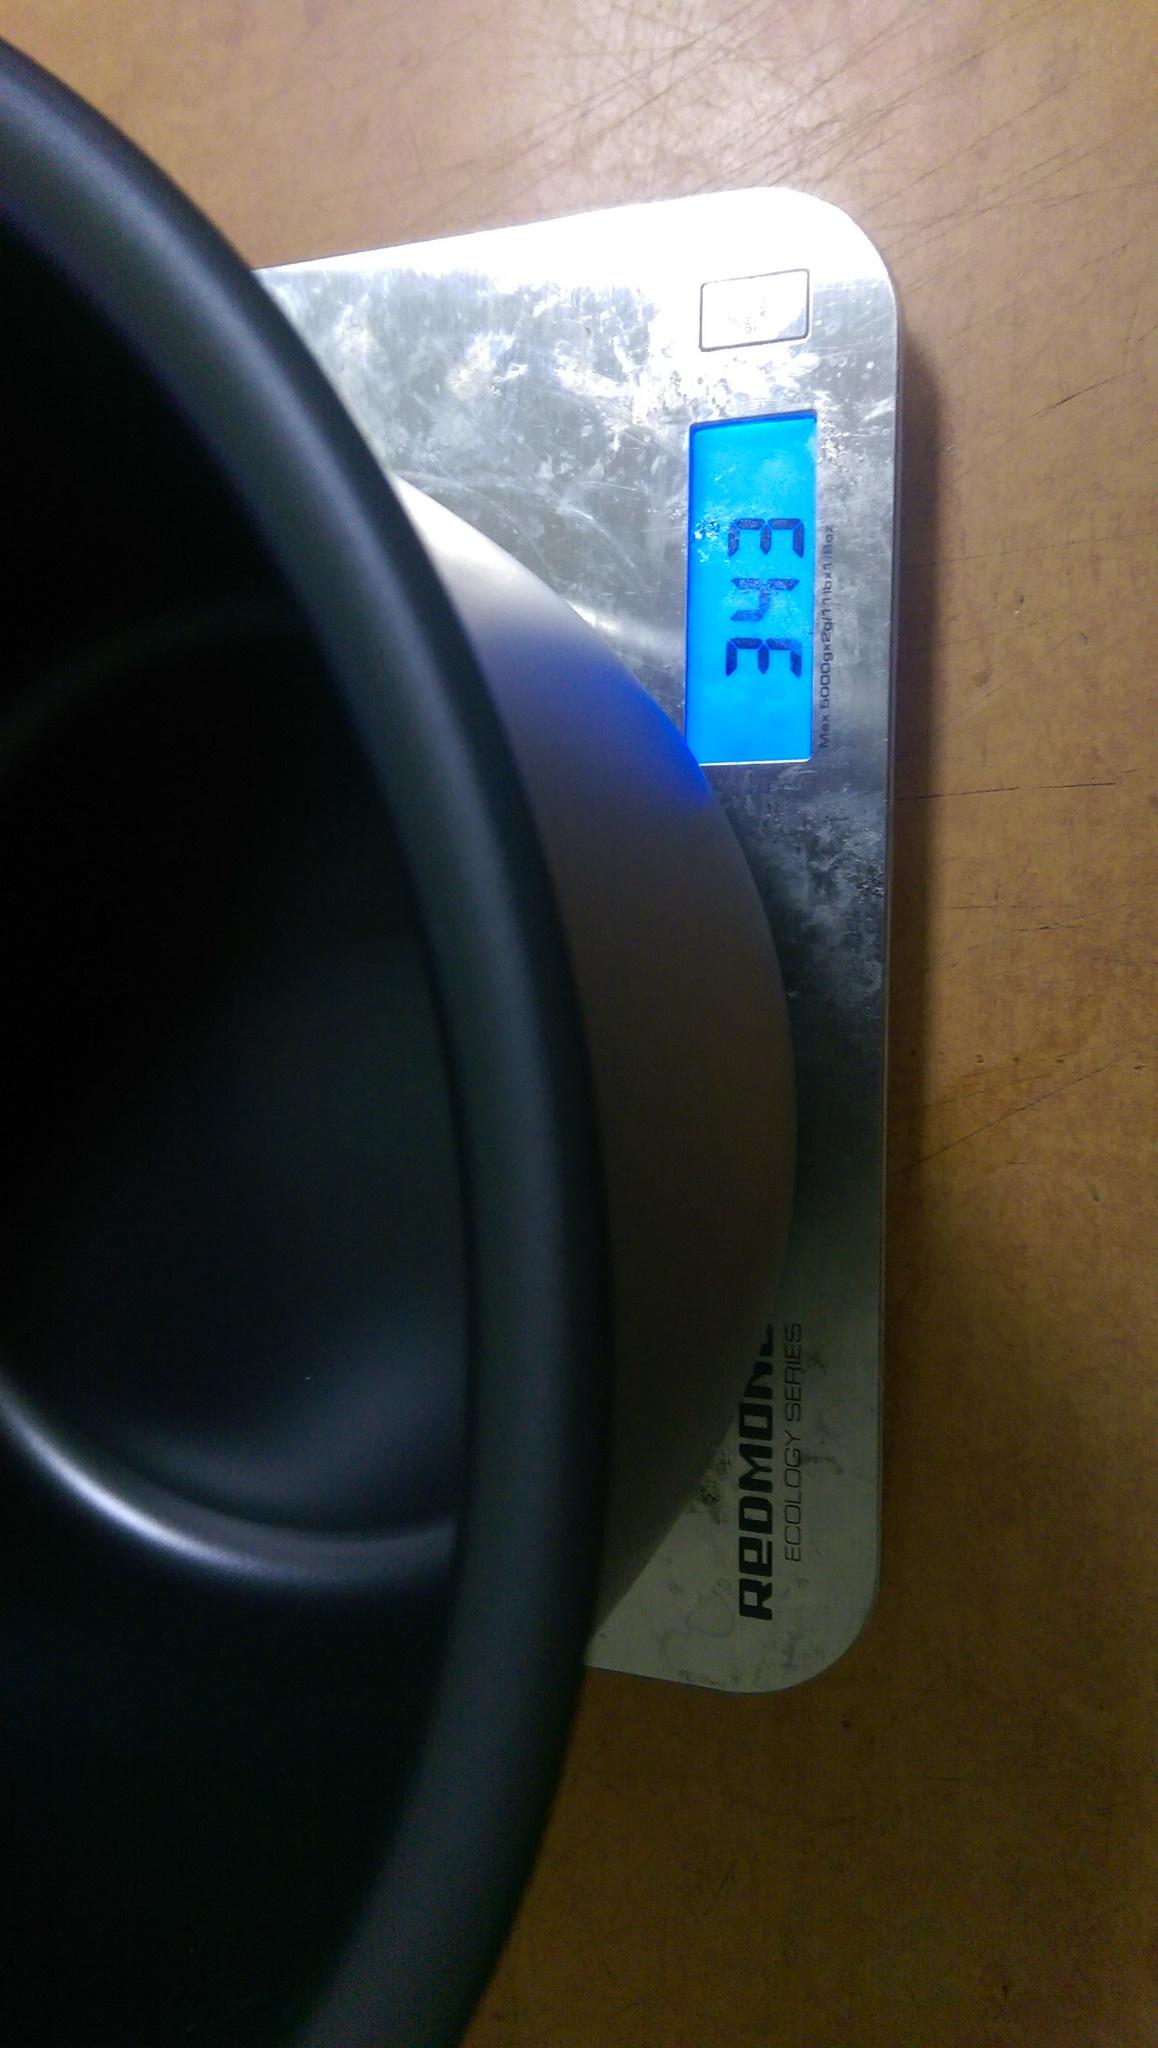 Мультиварка Panasonic SR-DY181WTQ Вес чаши составляет 343 грамма